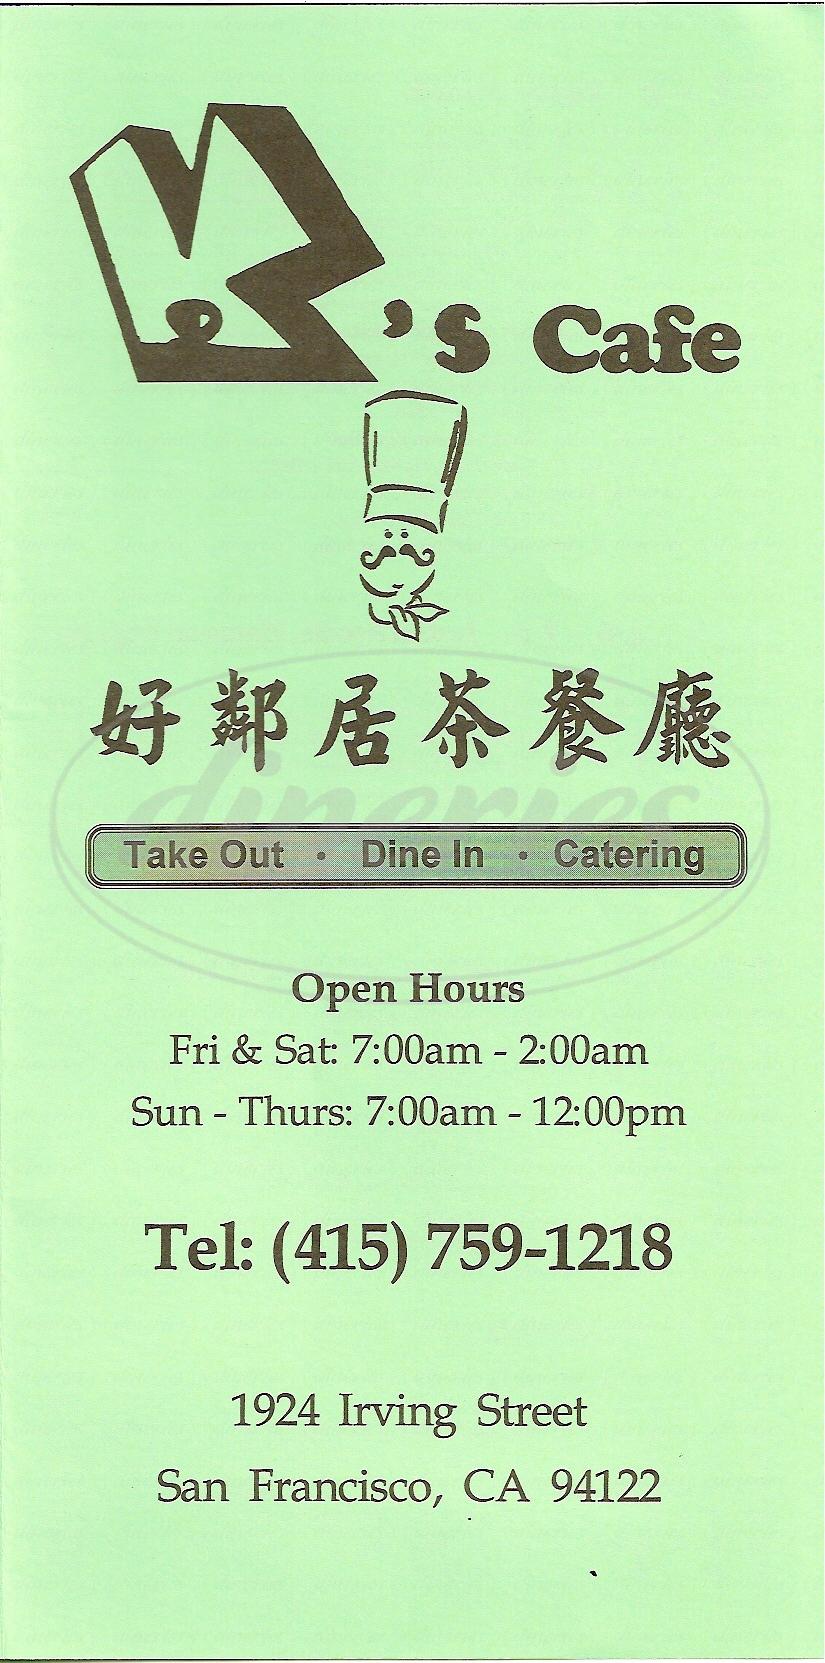 menu for K's Café